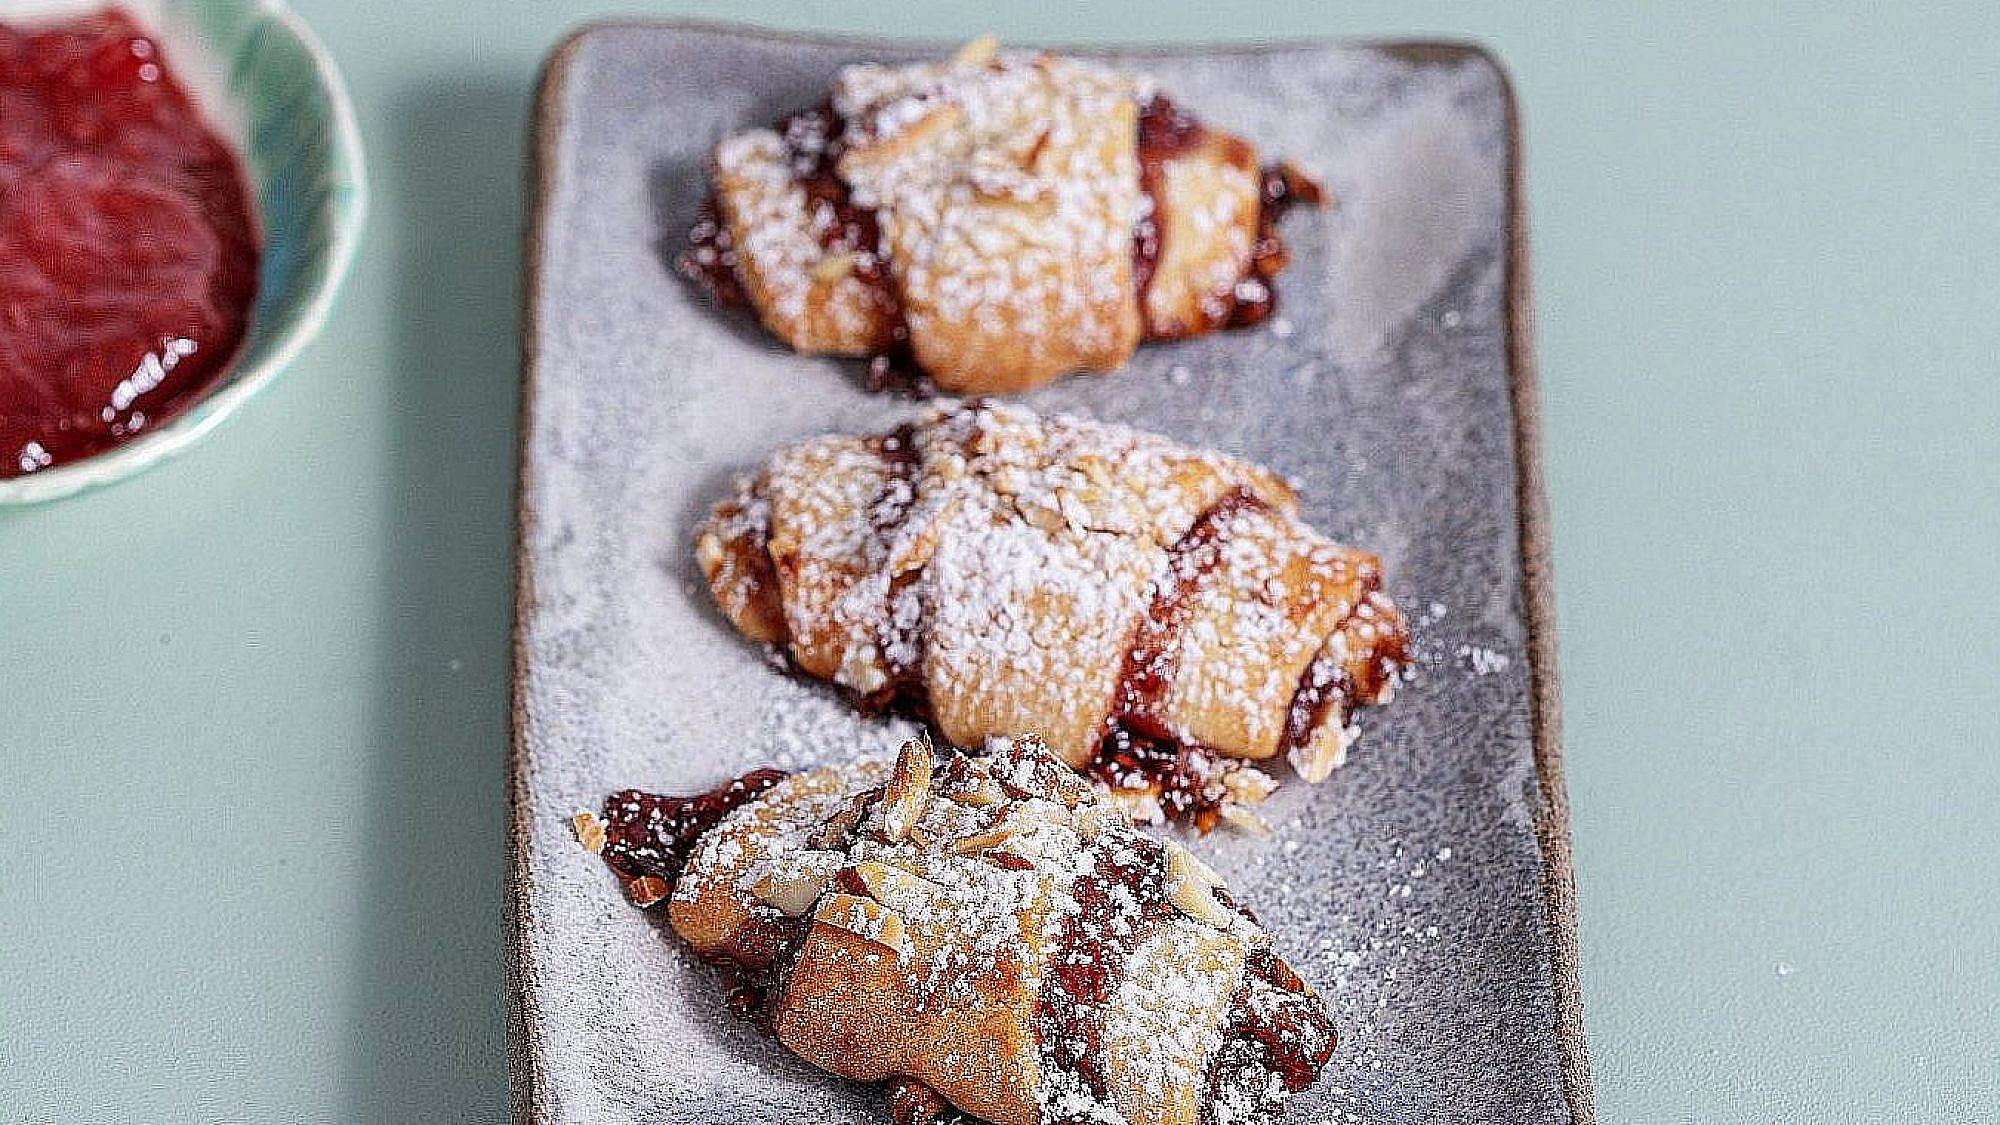 """רוגלעך במילוי ריבה ושקדים של נטלי לוין, מתוך ספר הבישול """"הכי טעים בבית"""". צילום: טל סיון צפורין"""